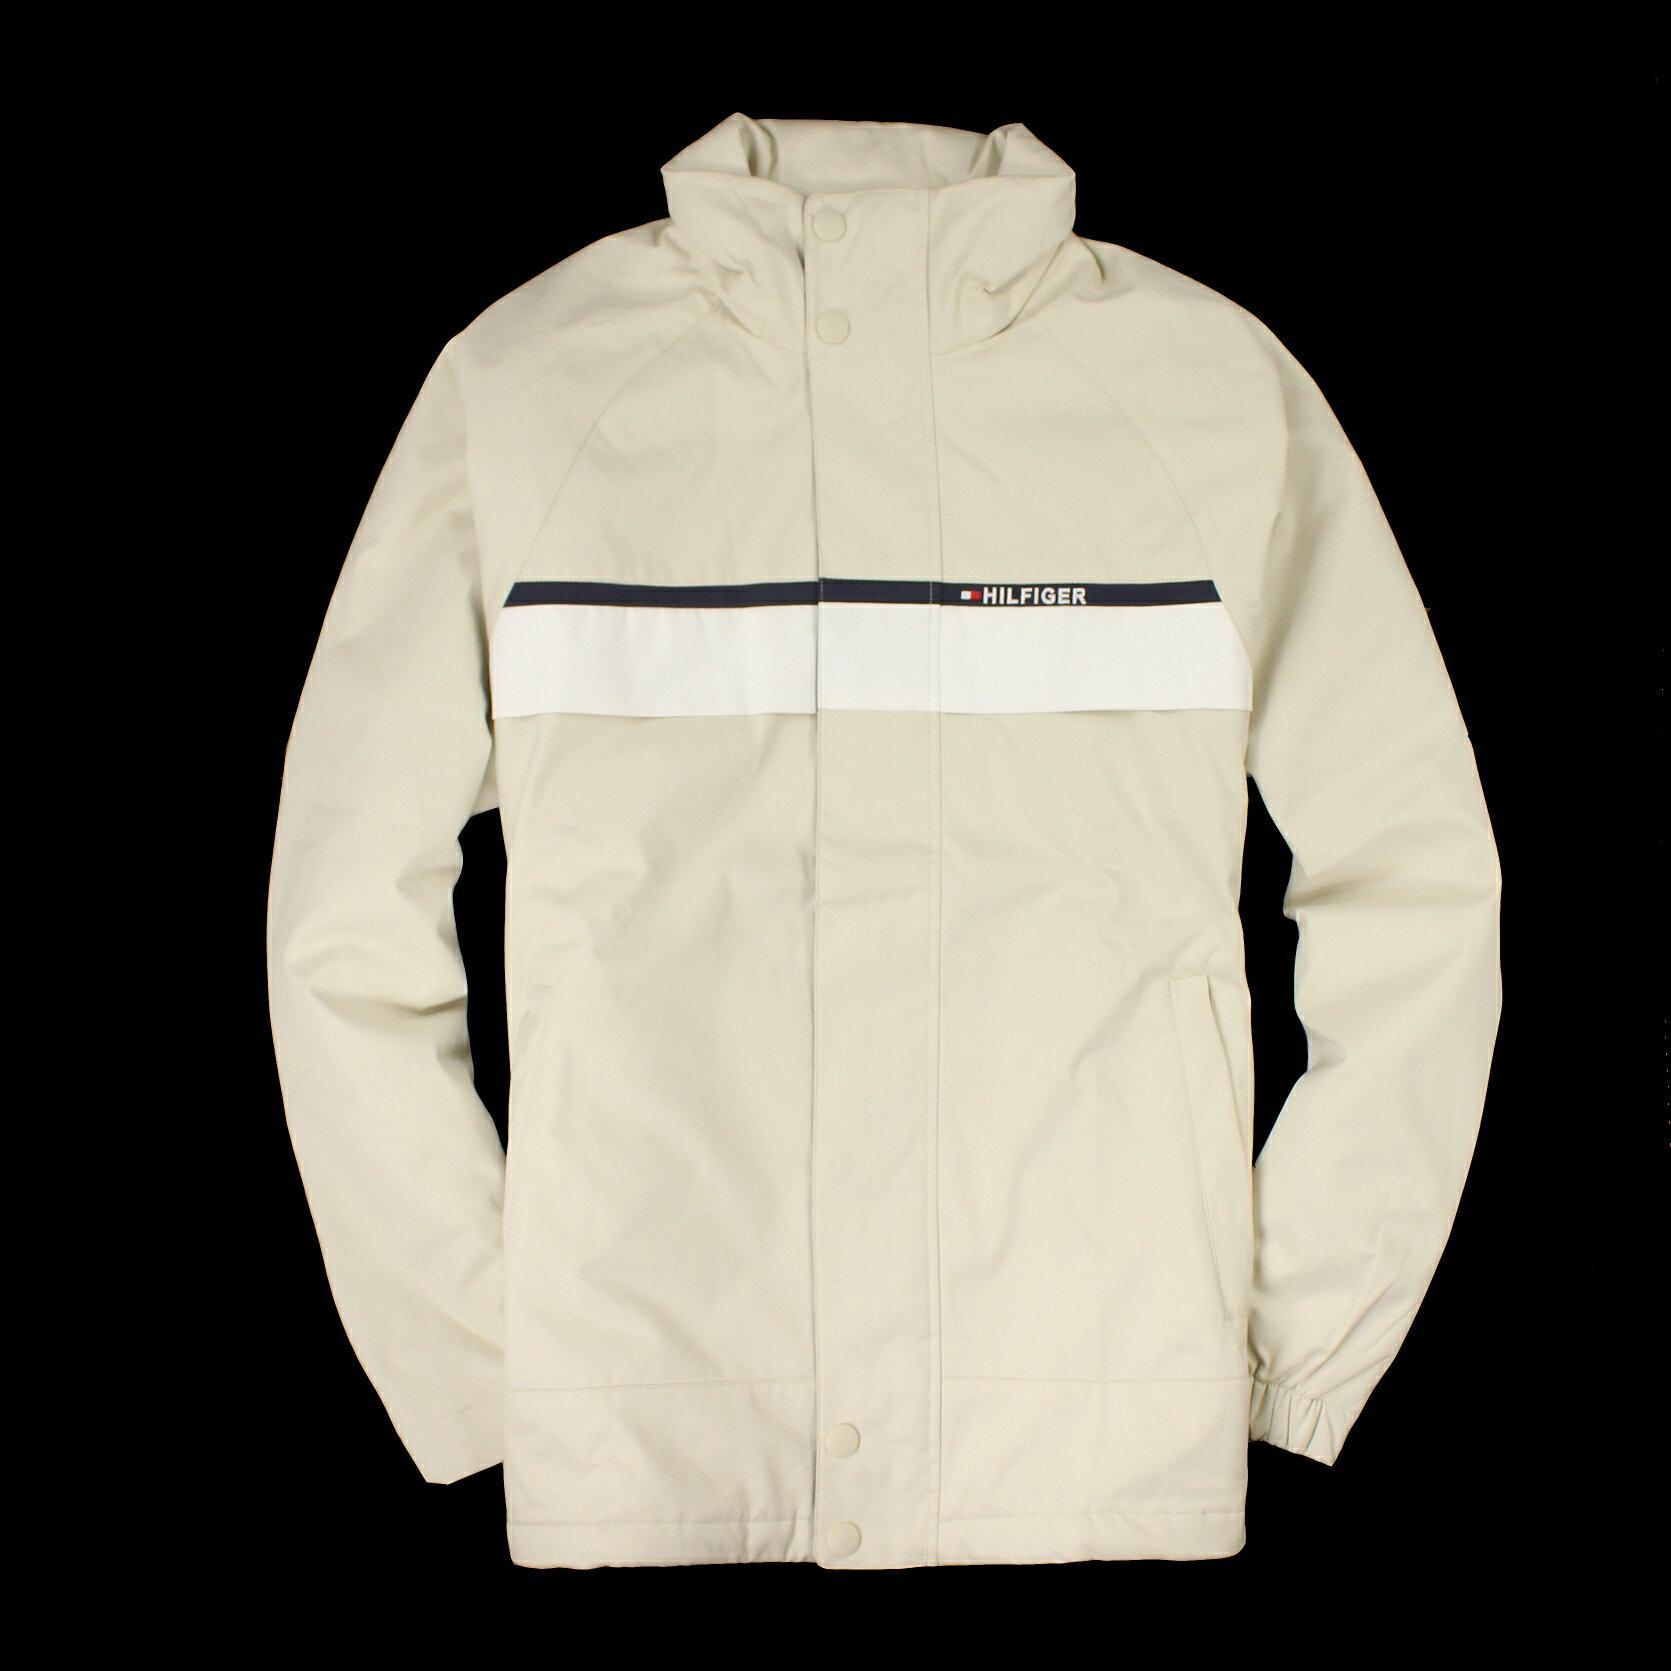 美國百分百【全新真品】Tommy Hilfiger 外套 TH 夾克 連帽外套 鋪棉 風衣 米色 Logo 男 S號 B999